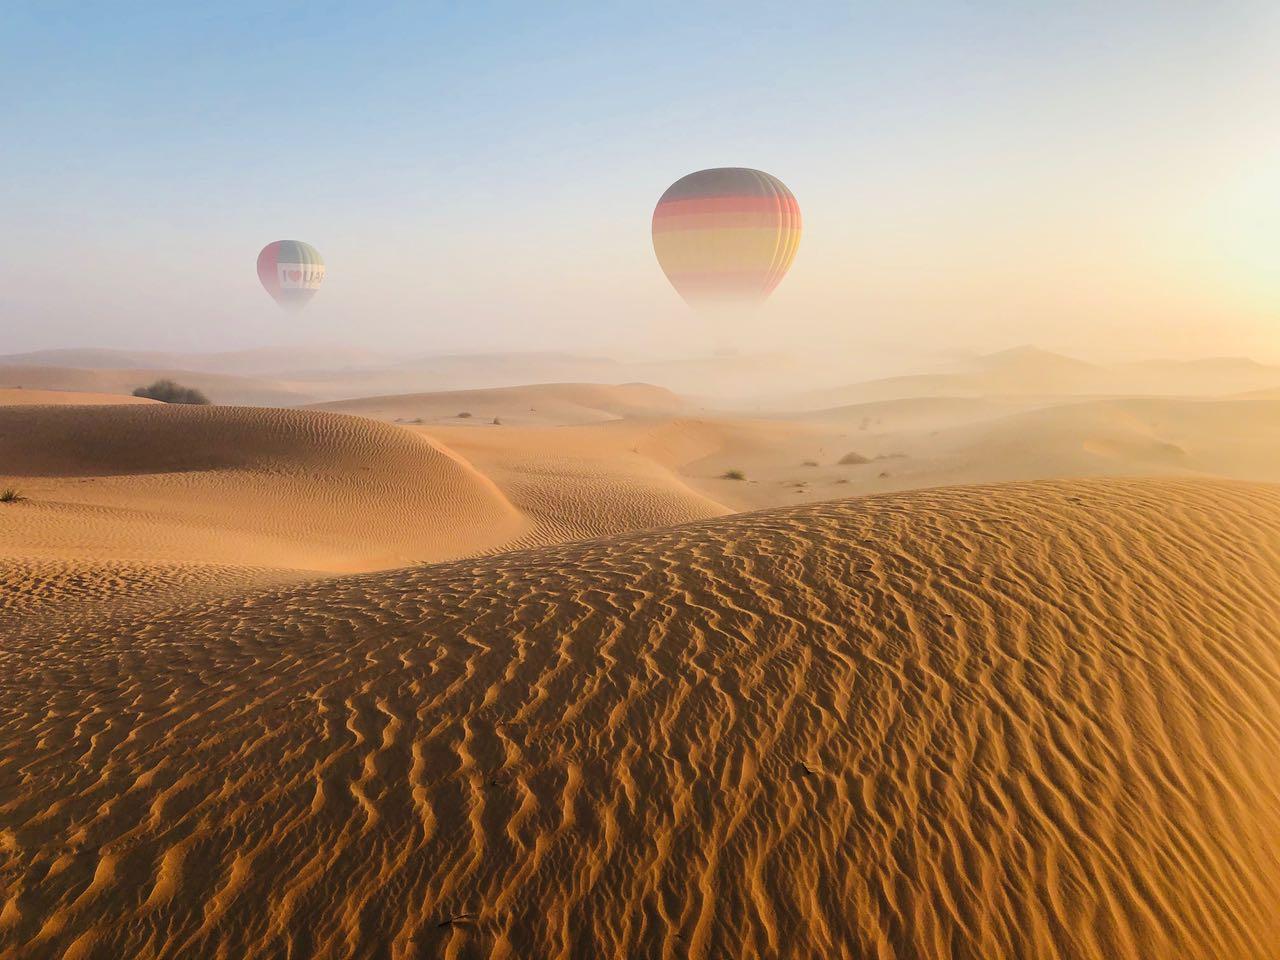 Hot air balloon.jpeg